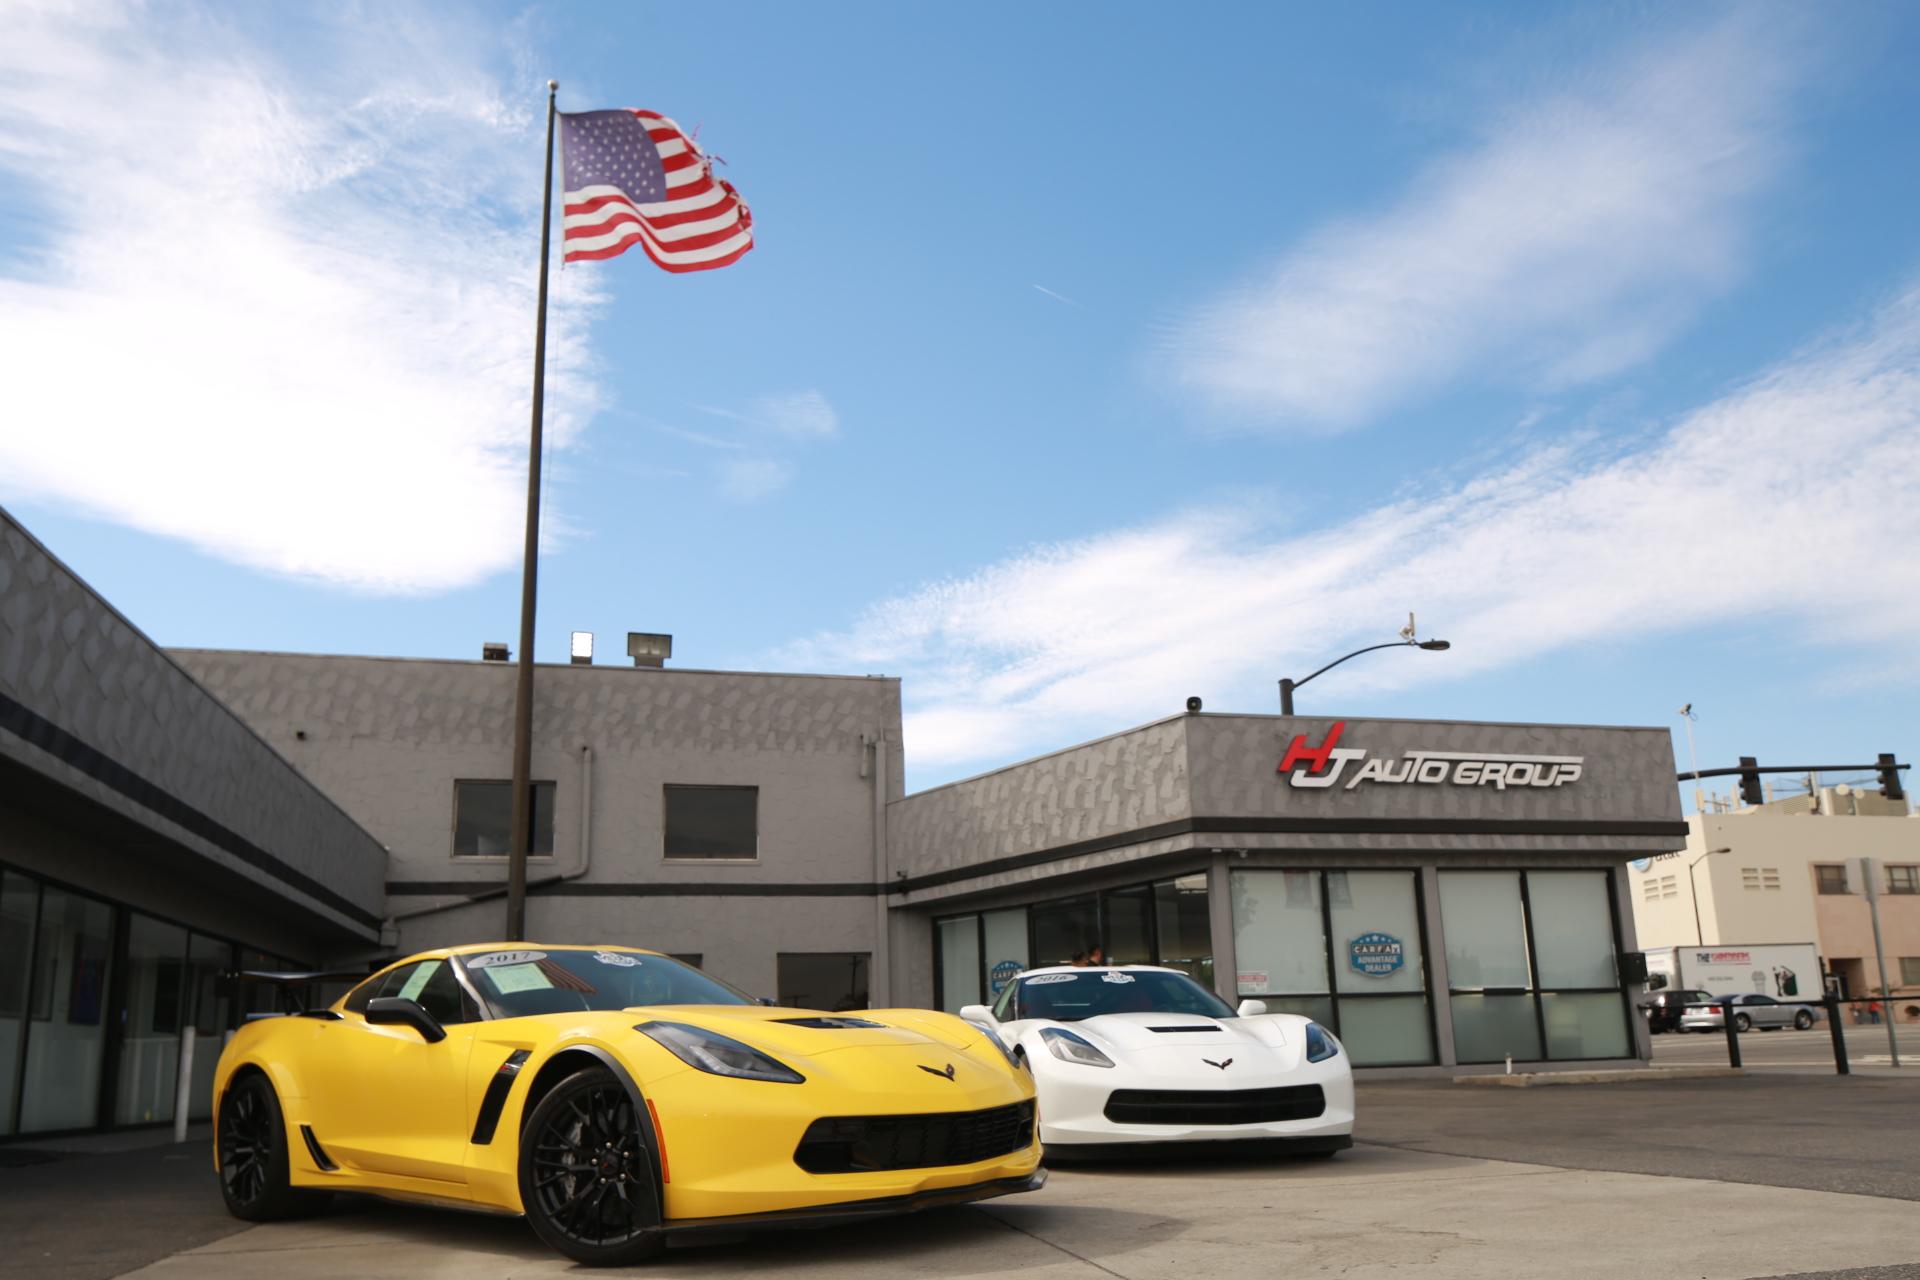 HJ Auto Group image 1